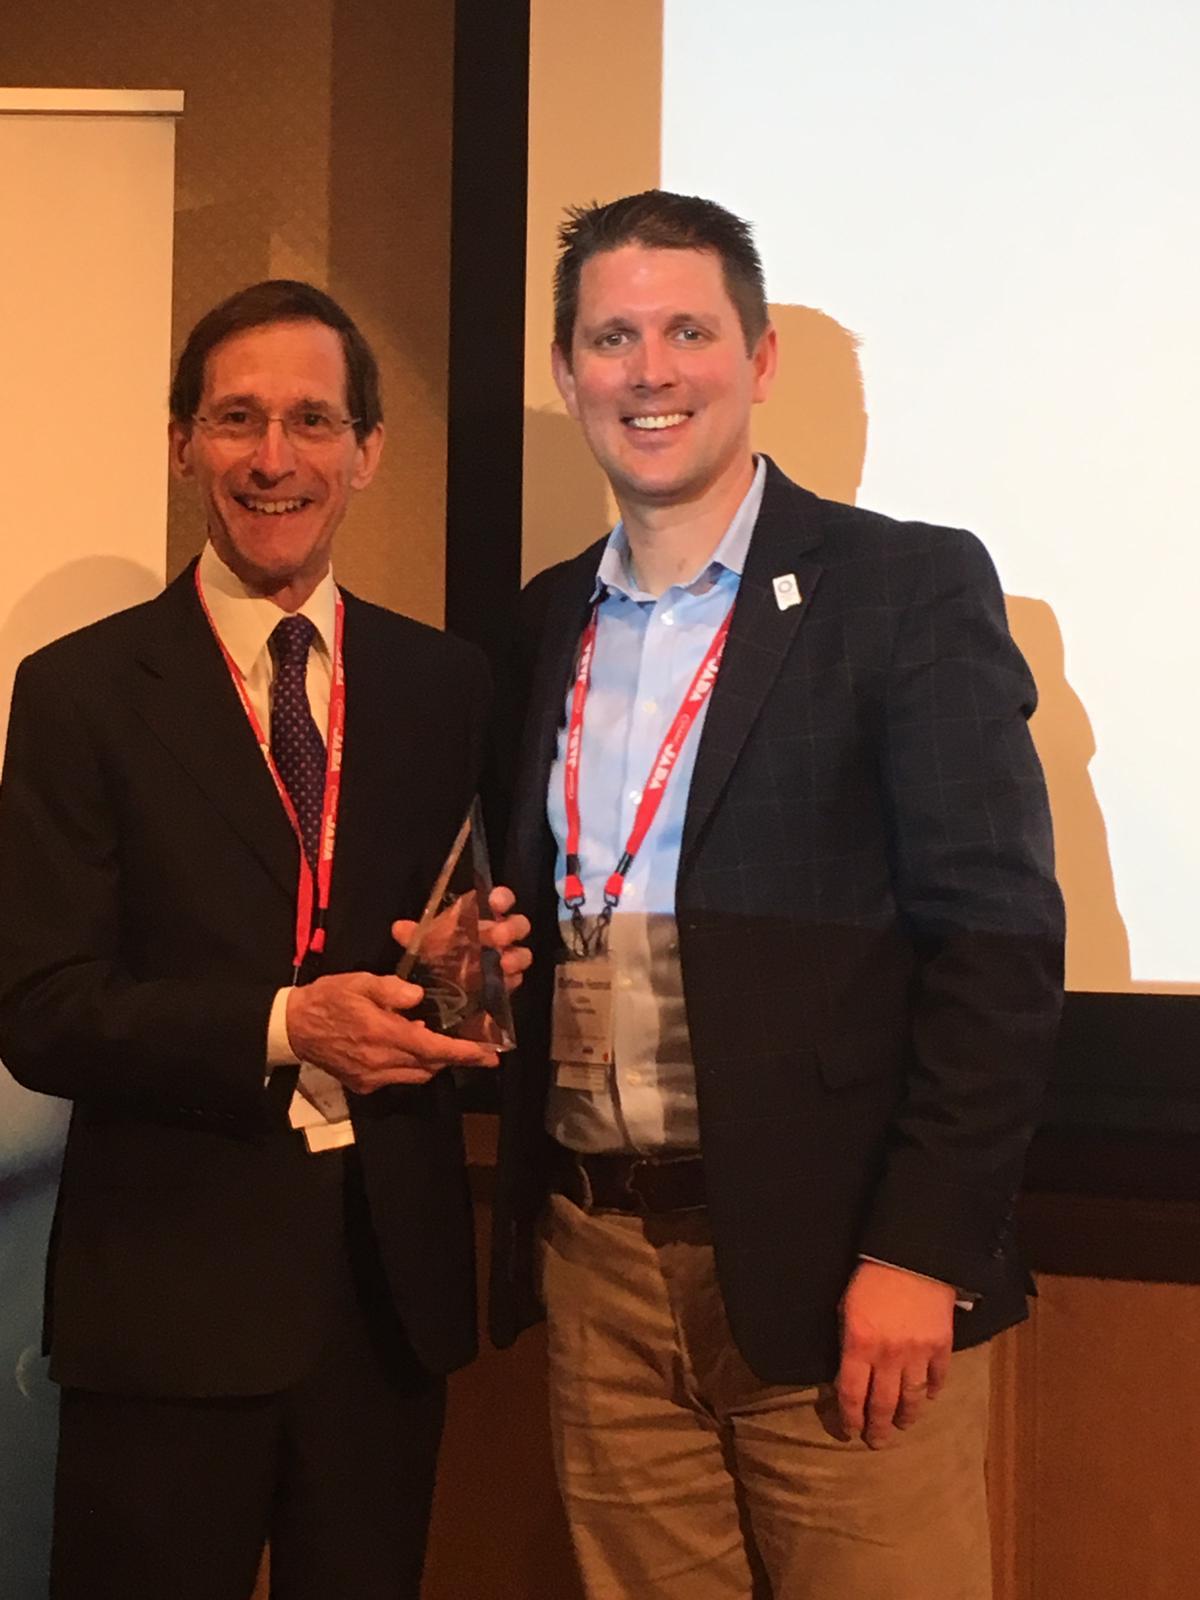 Cowan 2019 Award Winner